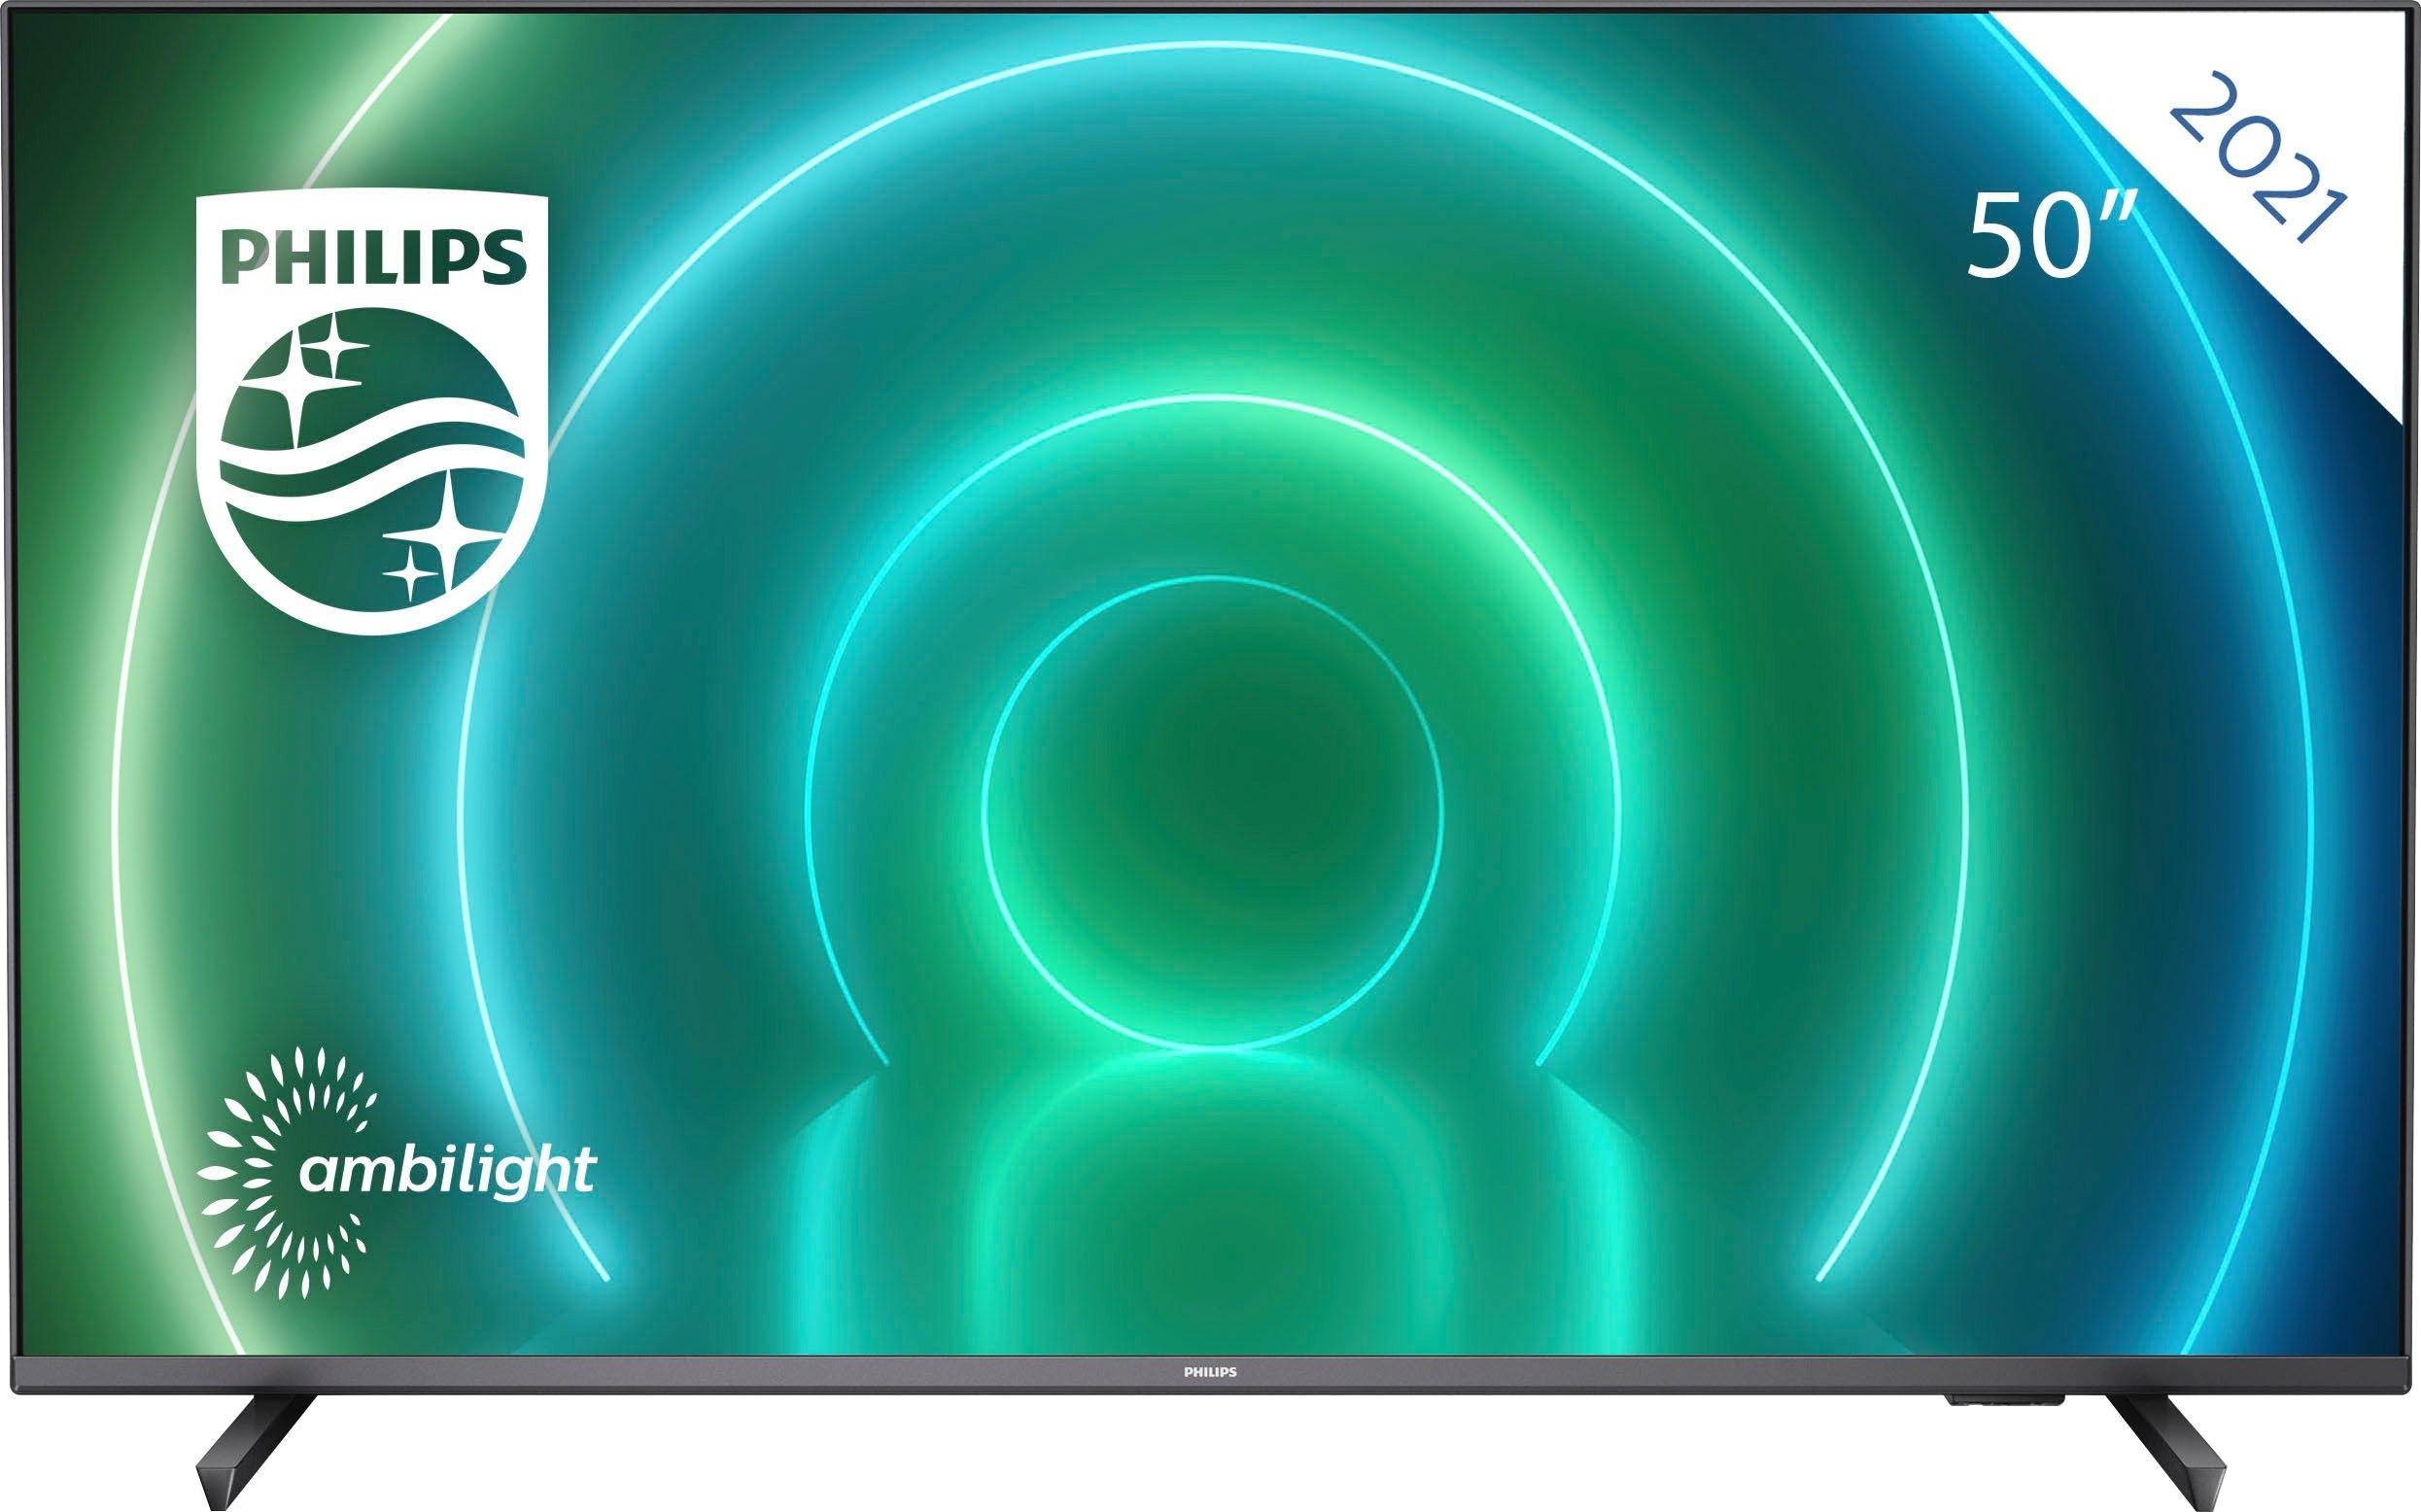 Philips led-TV 50PUS7906/12, 126 cm / 50